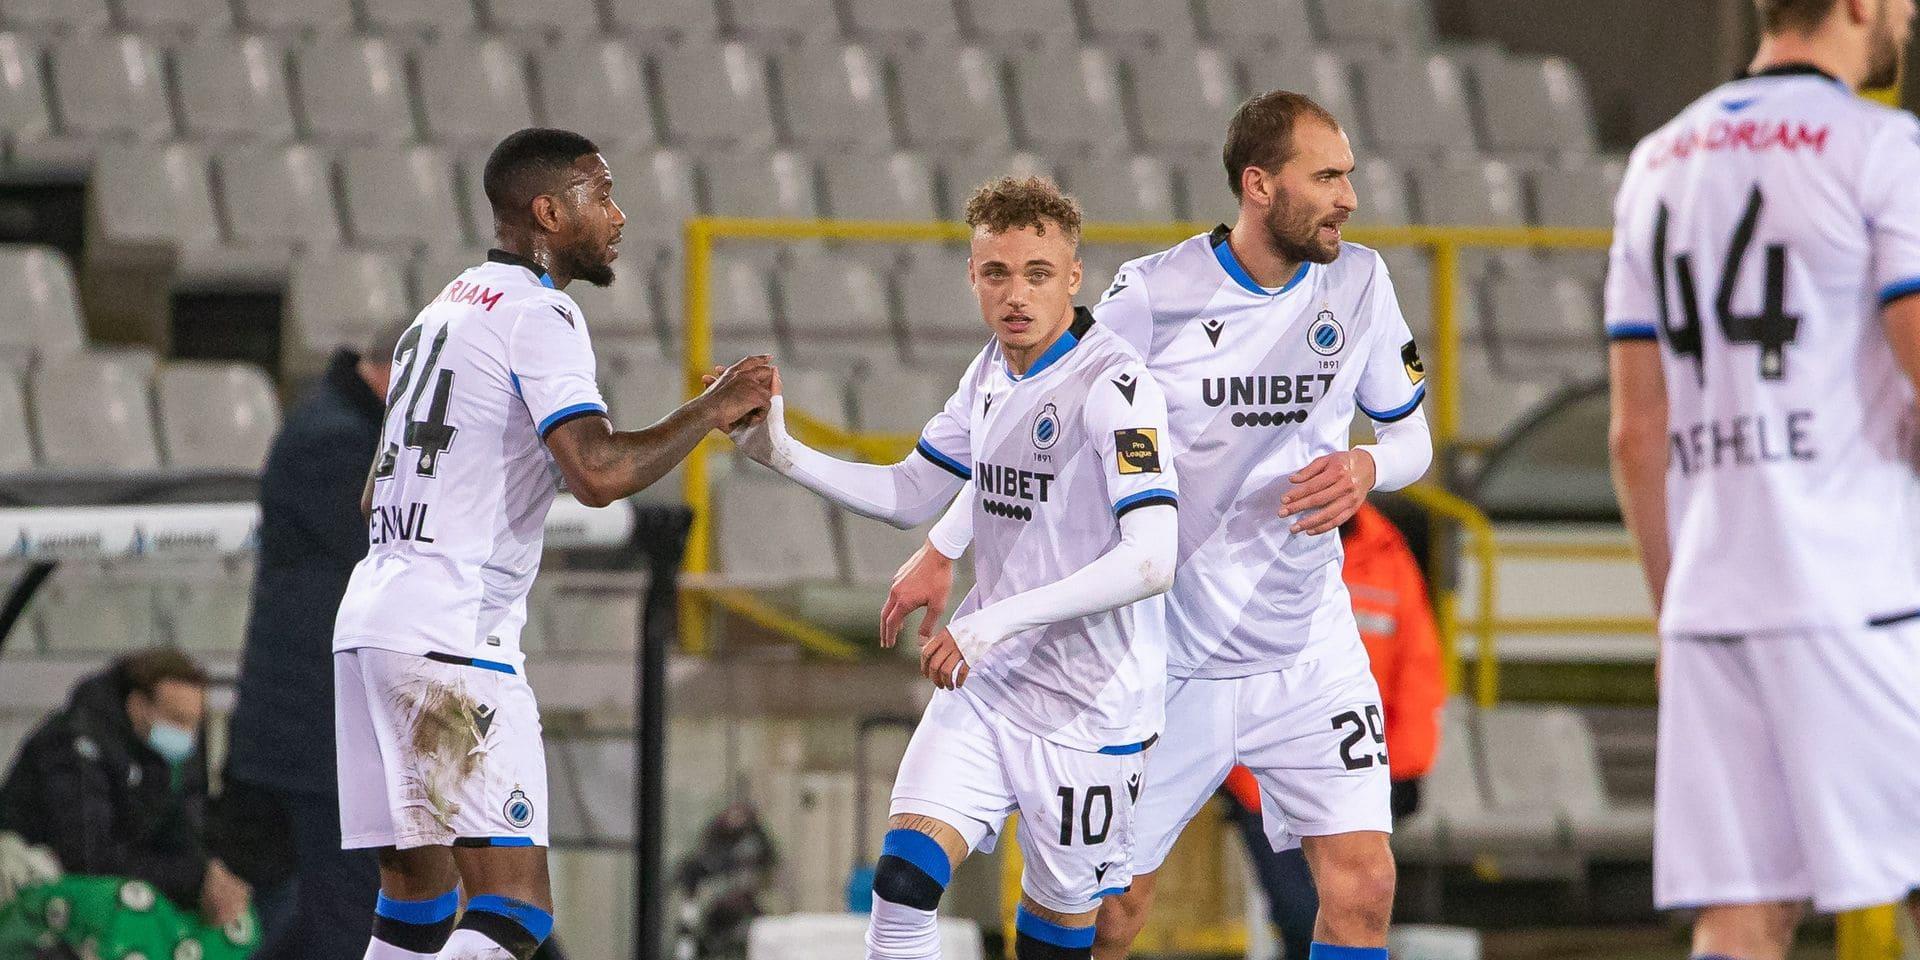 Vainqueur face au Cercle, le Club Bruges n'a pas brillé…